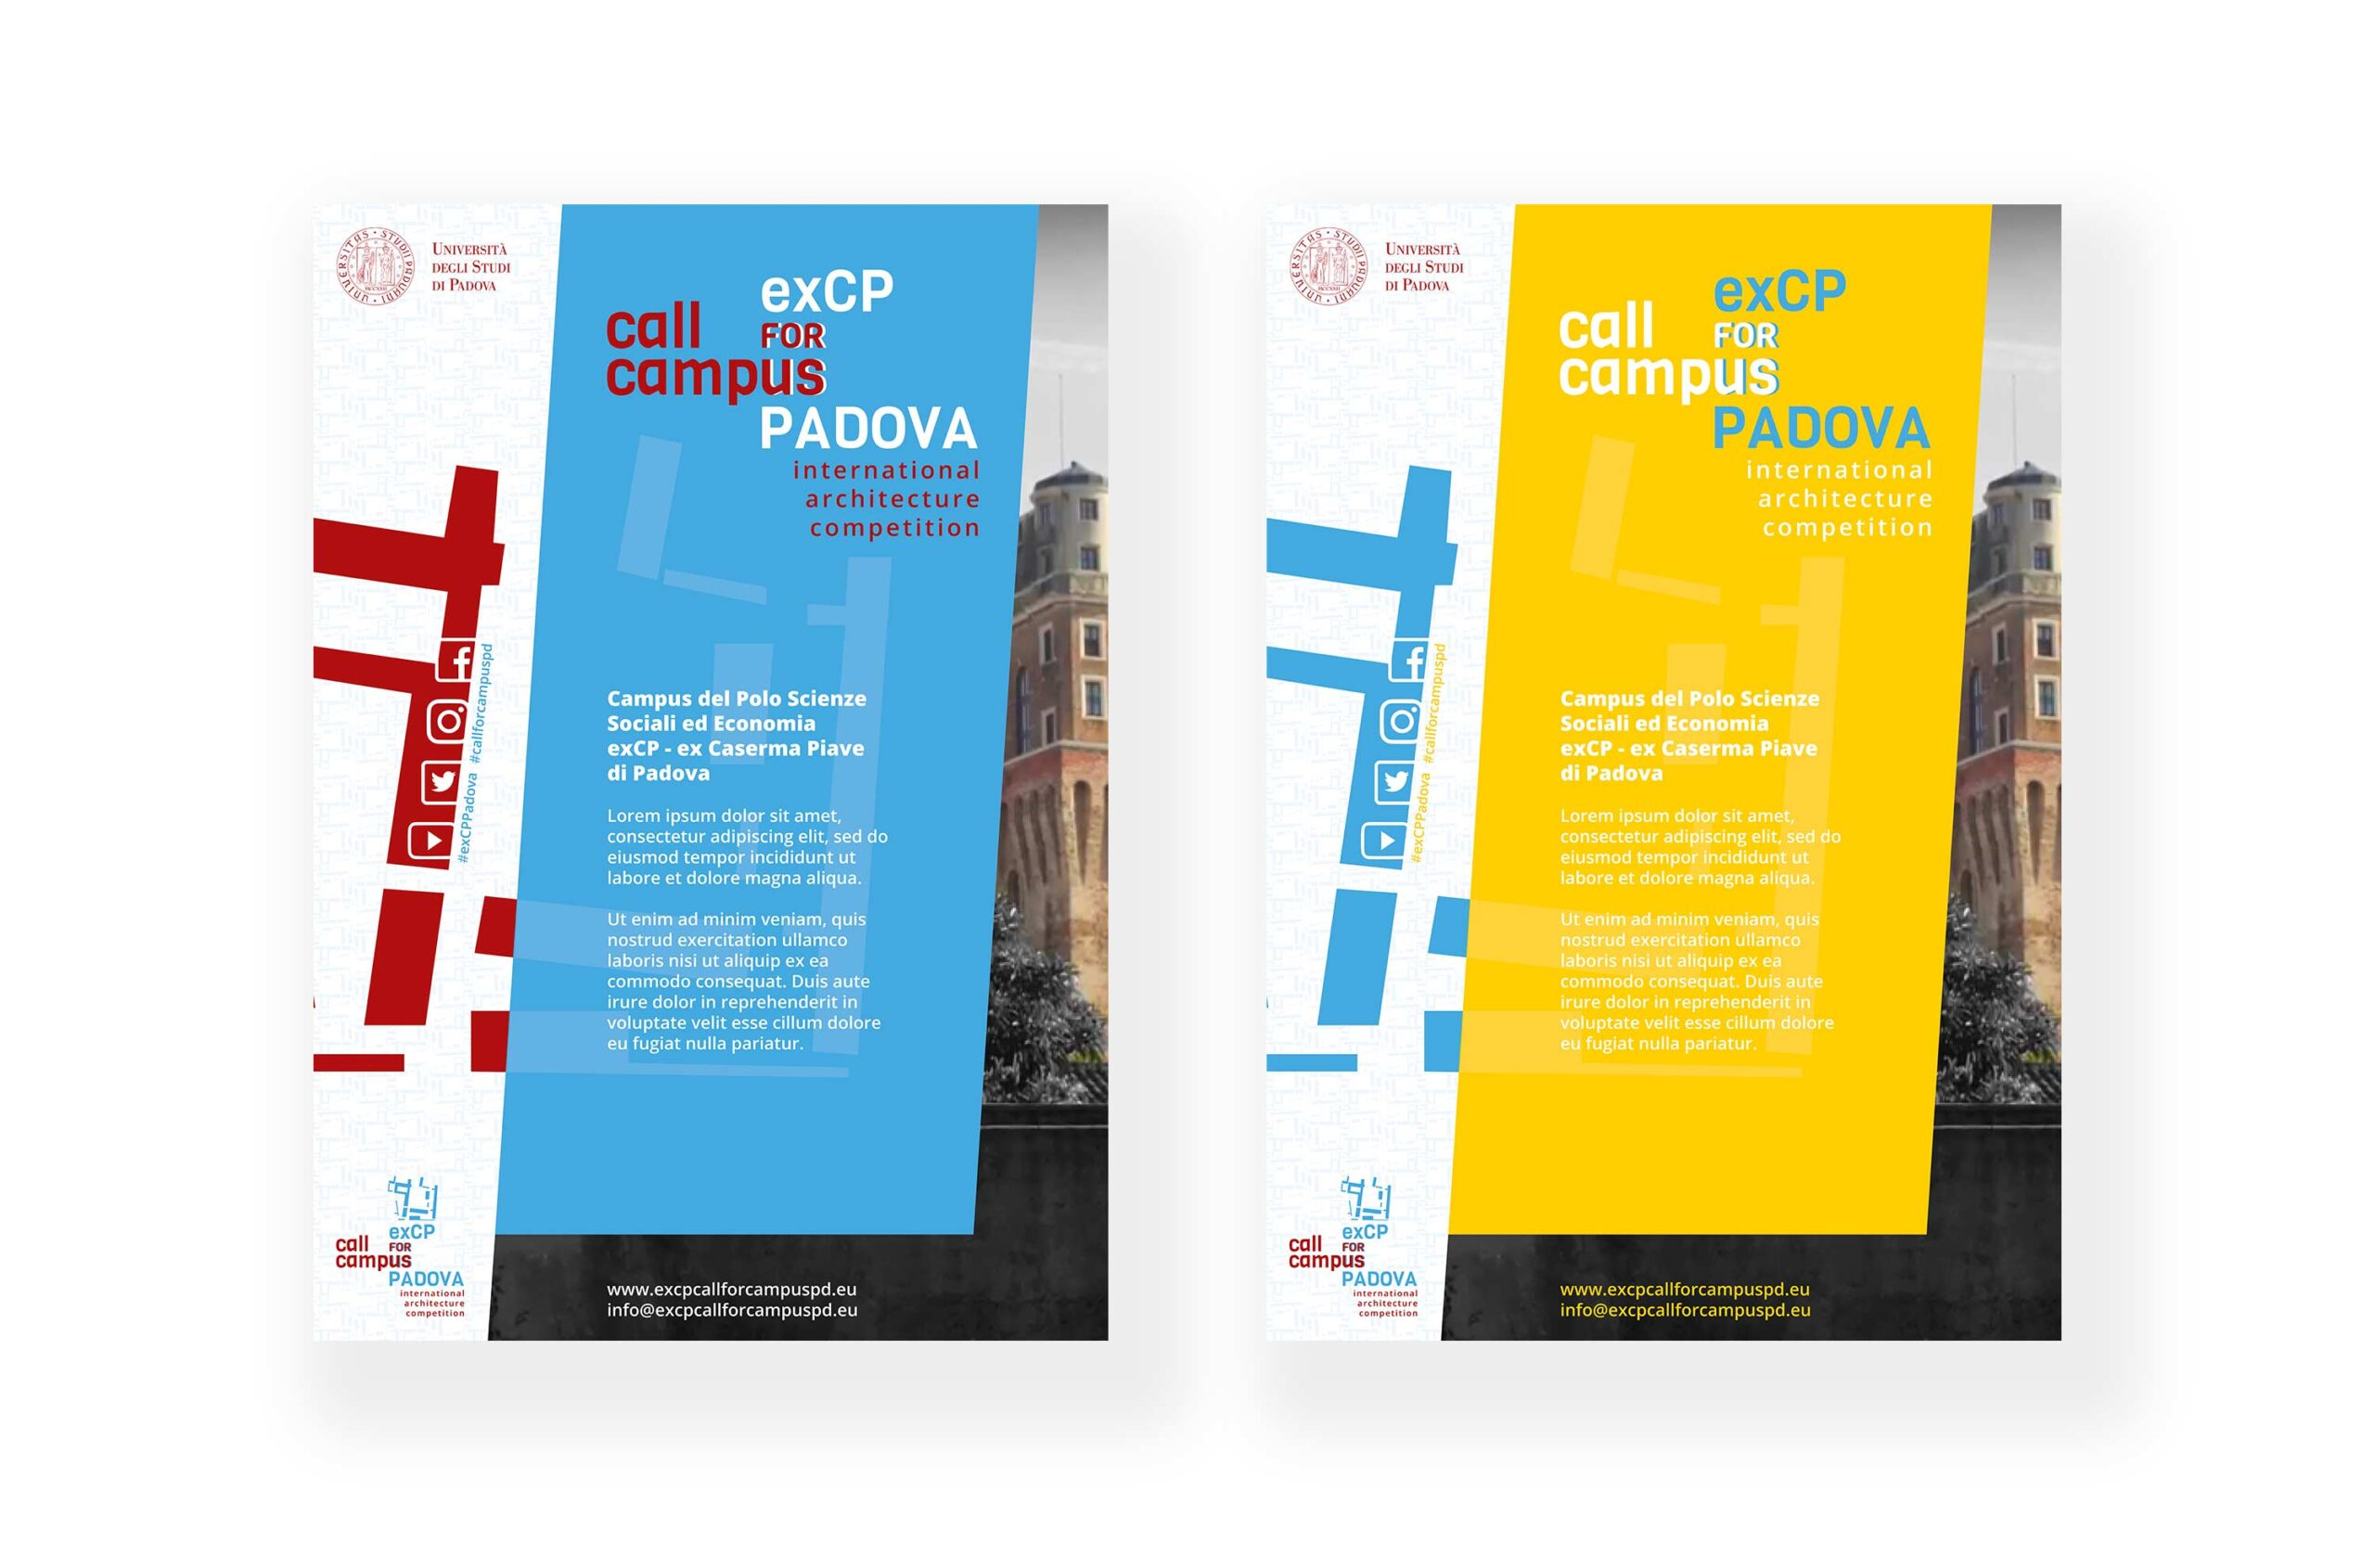 MADIcomunicazione_concorso-marchio-ex-caserma-piave-pd_1